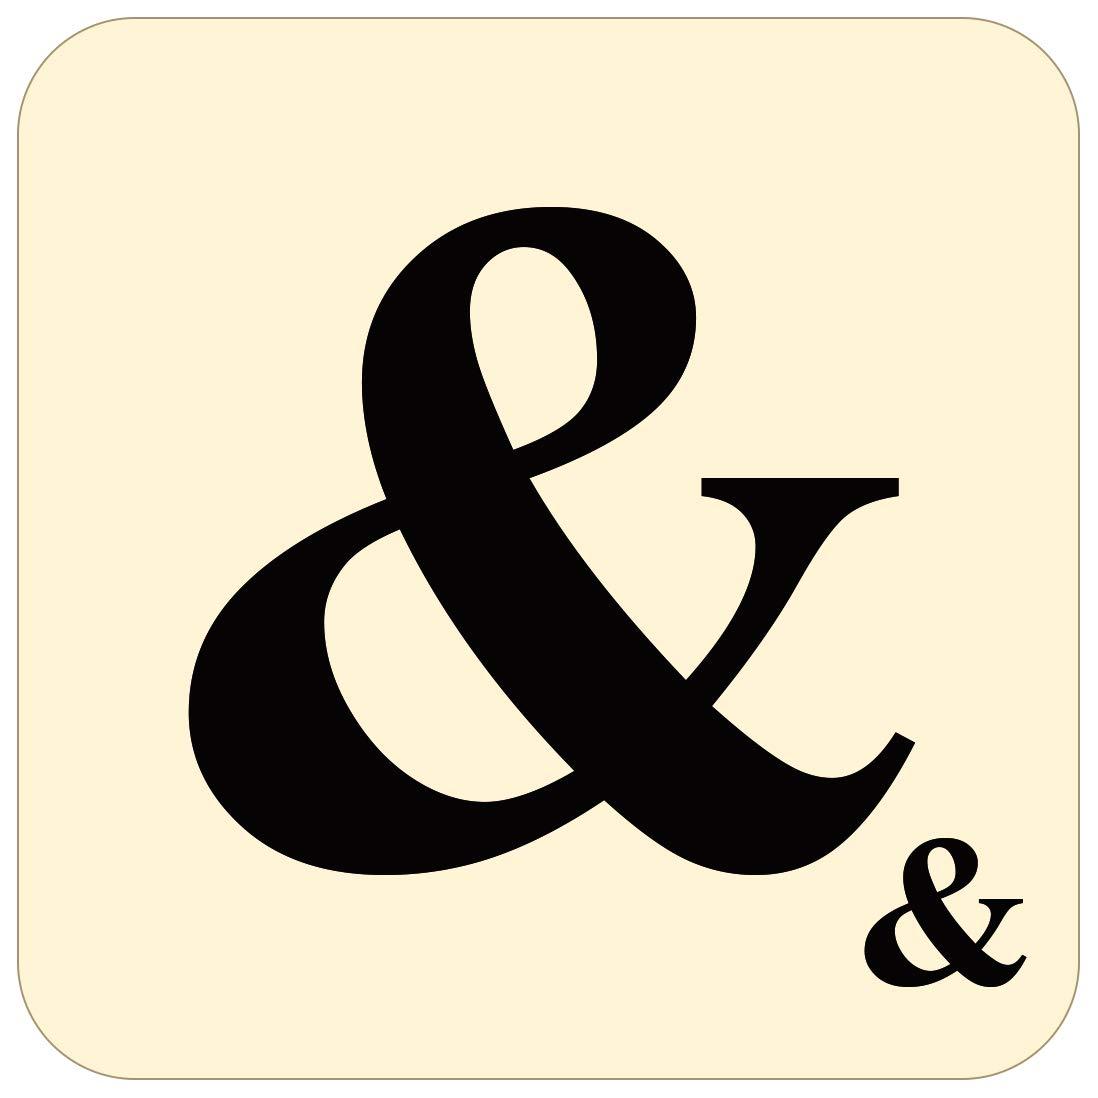 Compra Práctico de costa con letra Individual del imán del refrigerador - Scrabble azulejo diseño inspirado - monograma personaliseitonline/ en Amazon.es